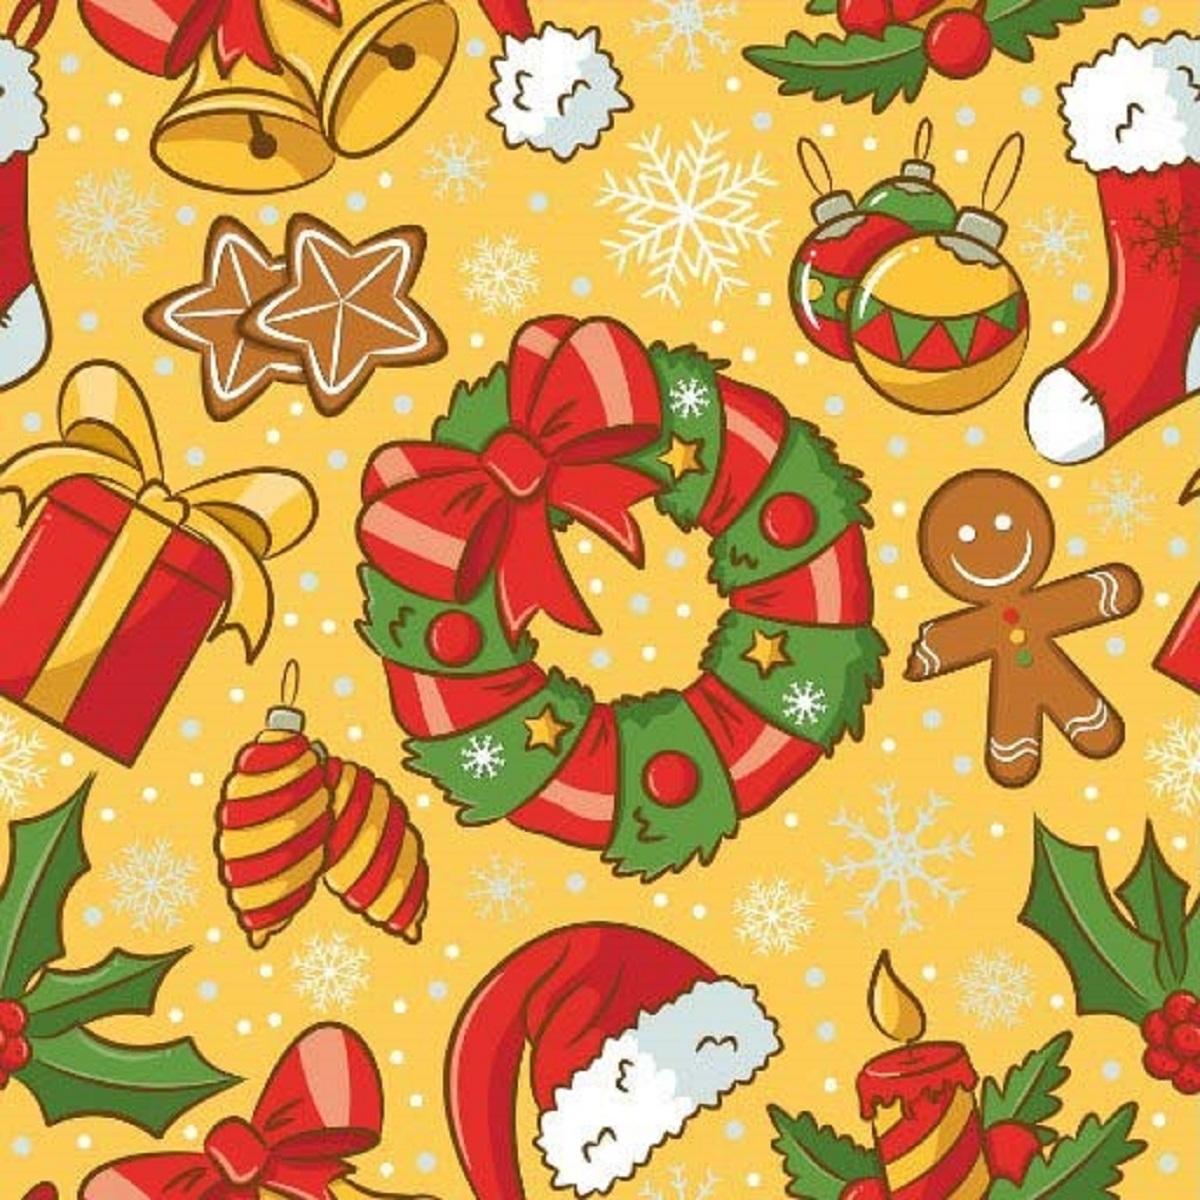 Салфетки бумажные Gratias Рождество, цвет: желтый, трехслойные, 33 х 33 см, 20 штC0042416Для бытового и санитарно-гигиенического назначения одноразового использования.